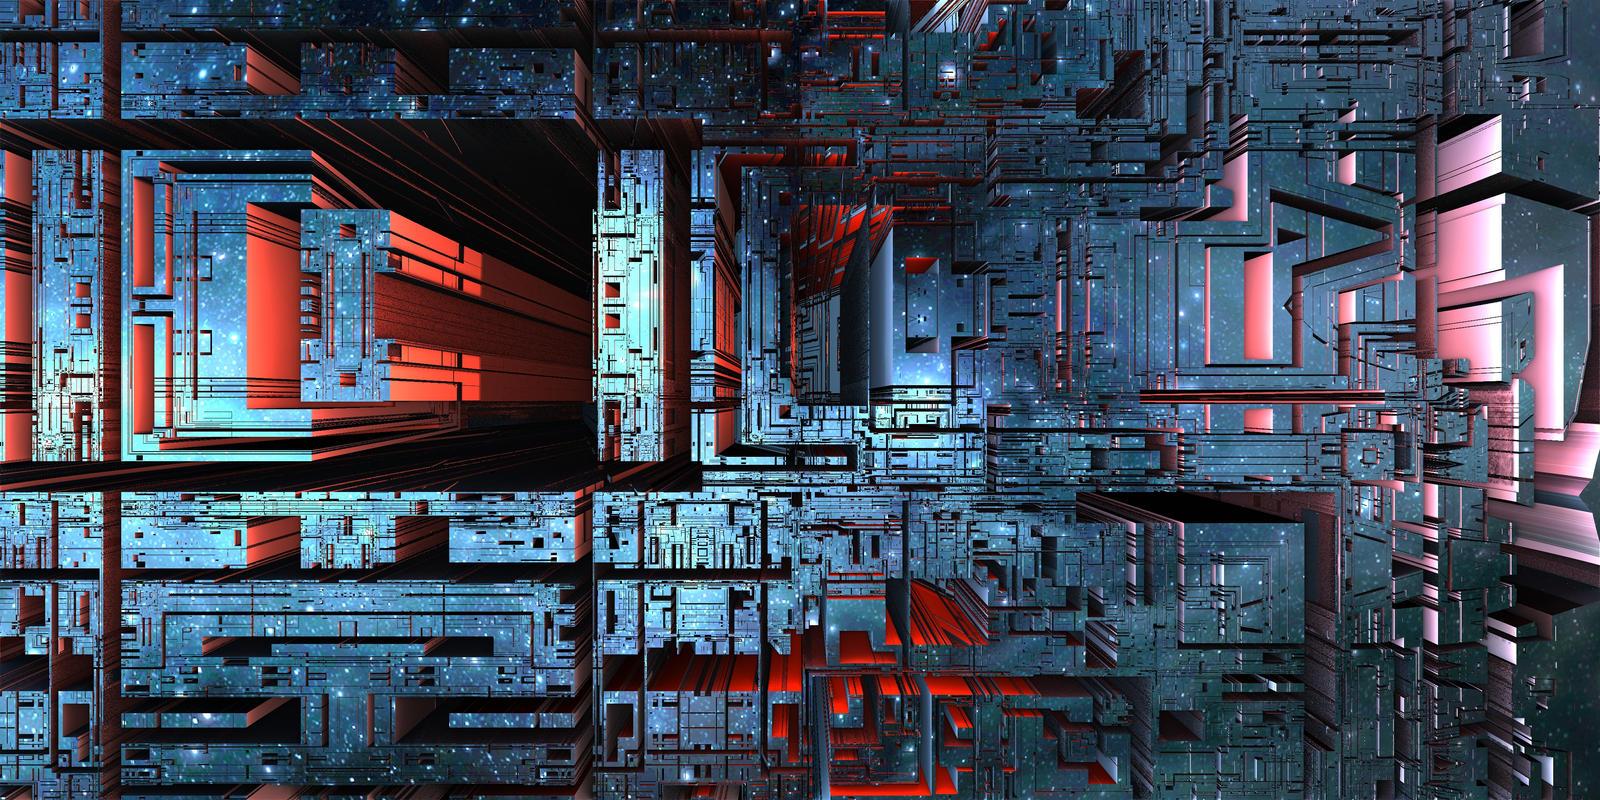 SolidSpace by MarkJayBee